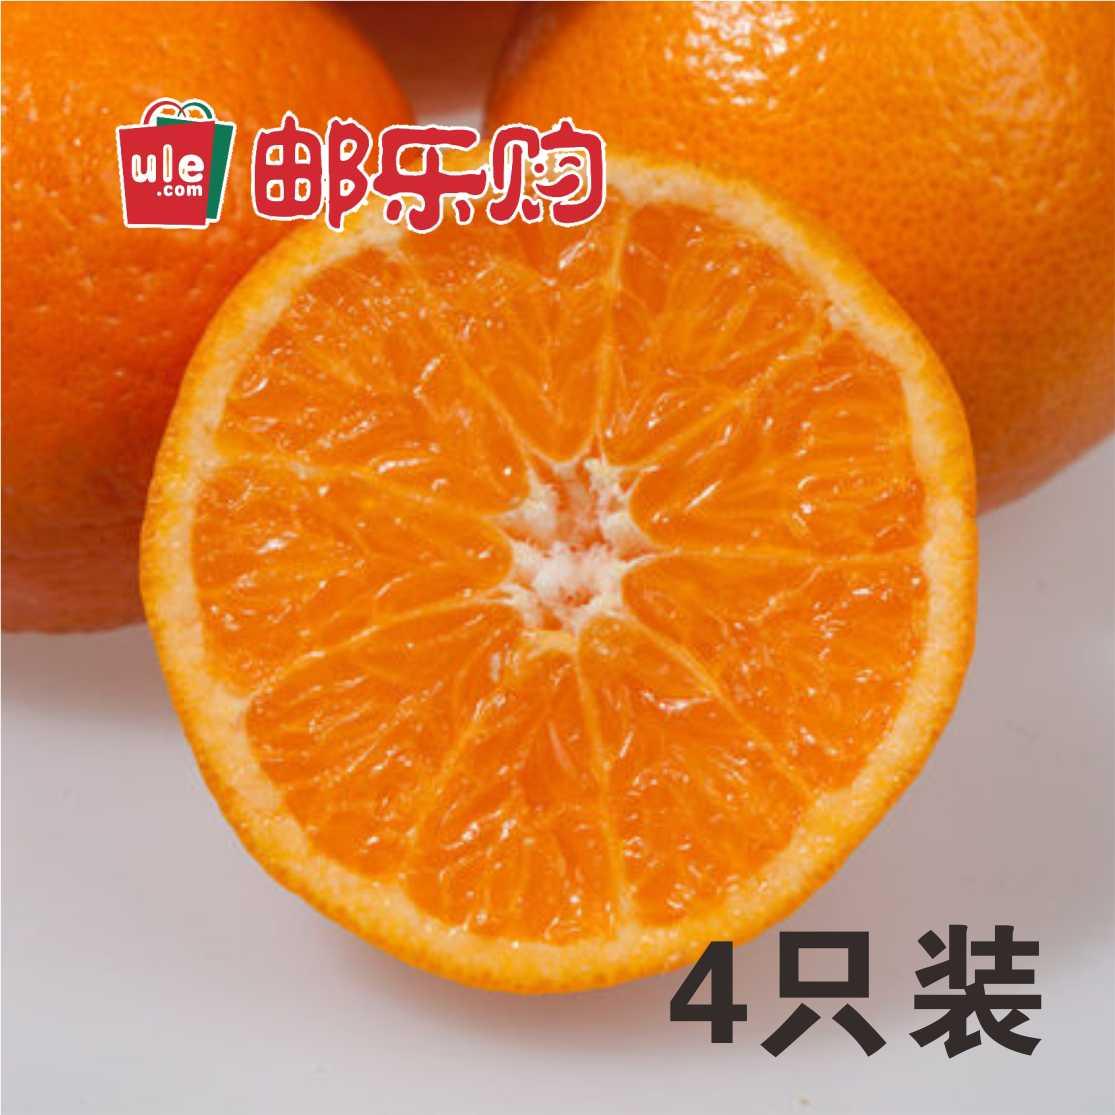 [一元试吃][预售:11月10日-20日陆续发货]临海涌泉蜜桔4个装